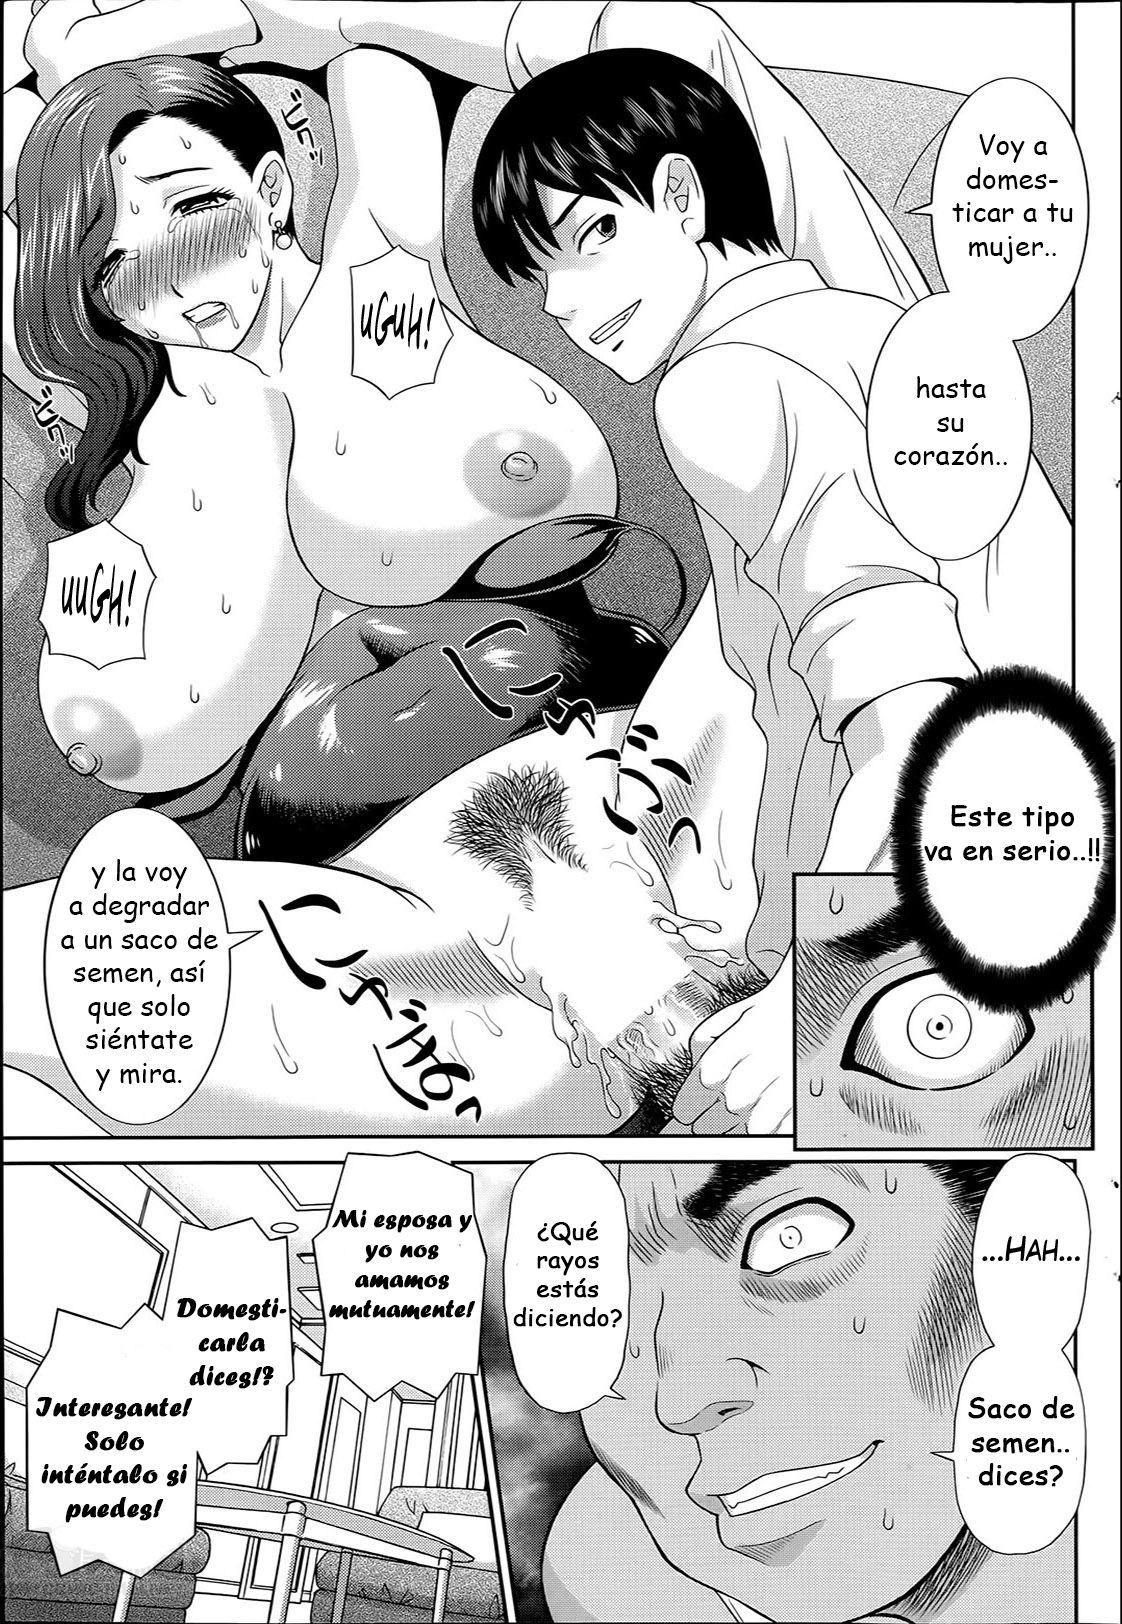 Mi esposa teniendo sexo con otro hombre - Porno